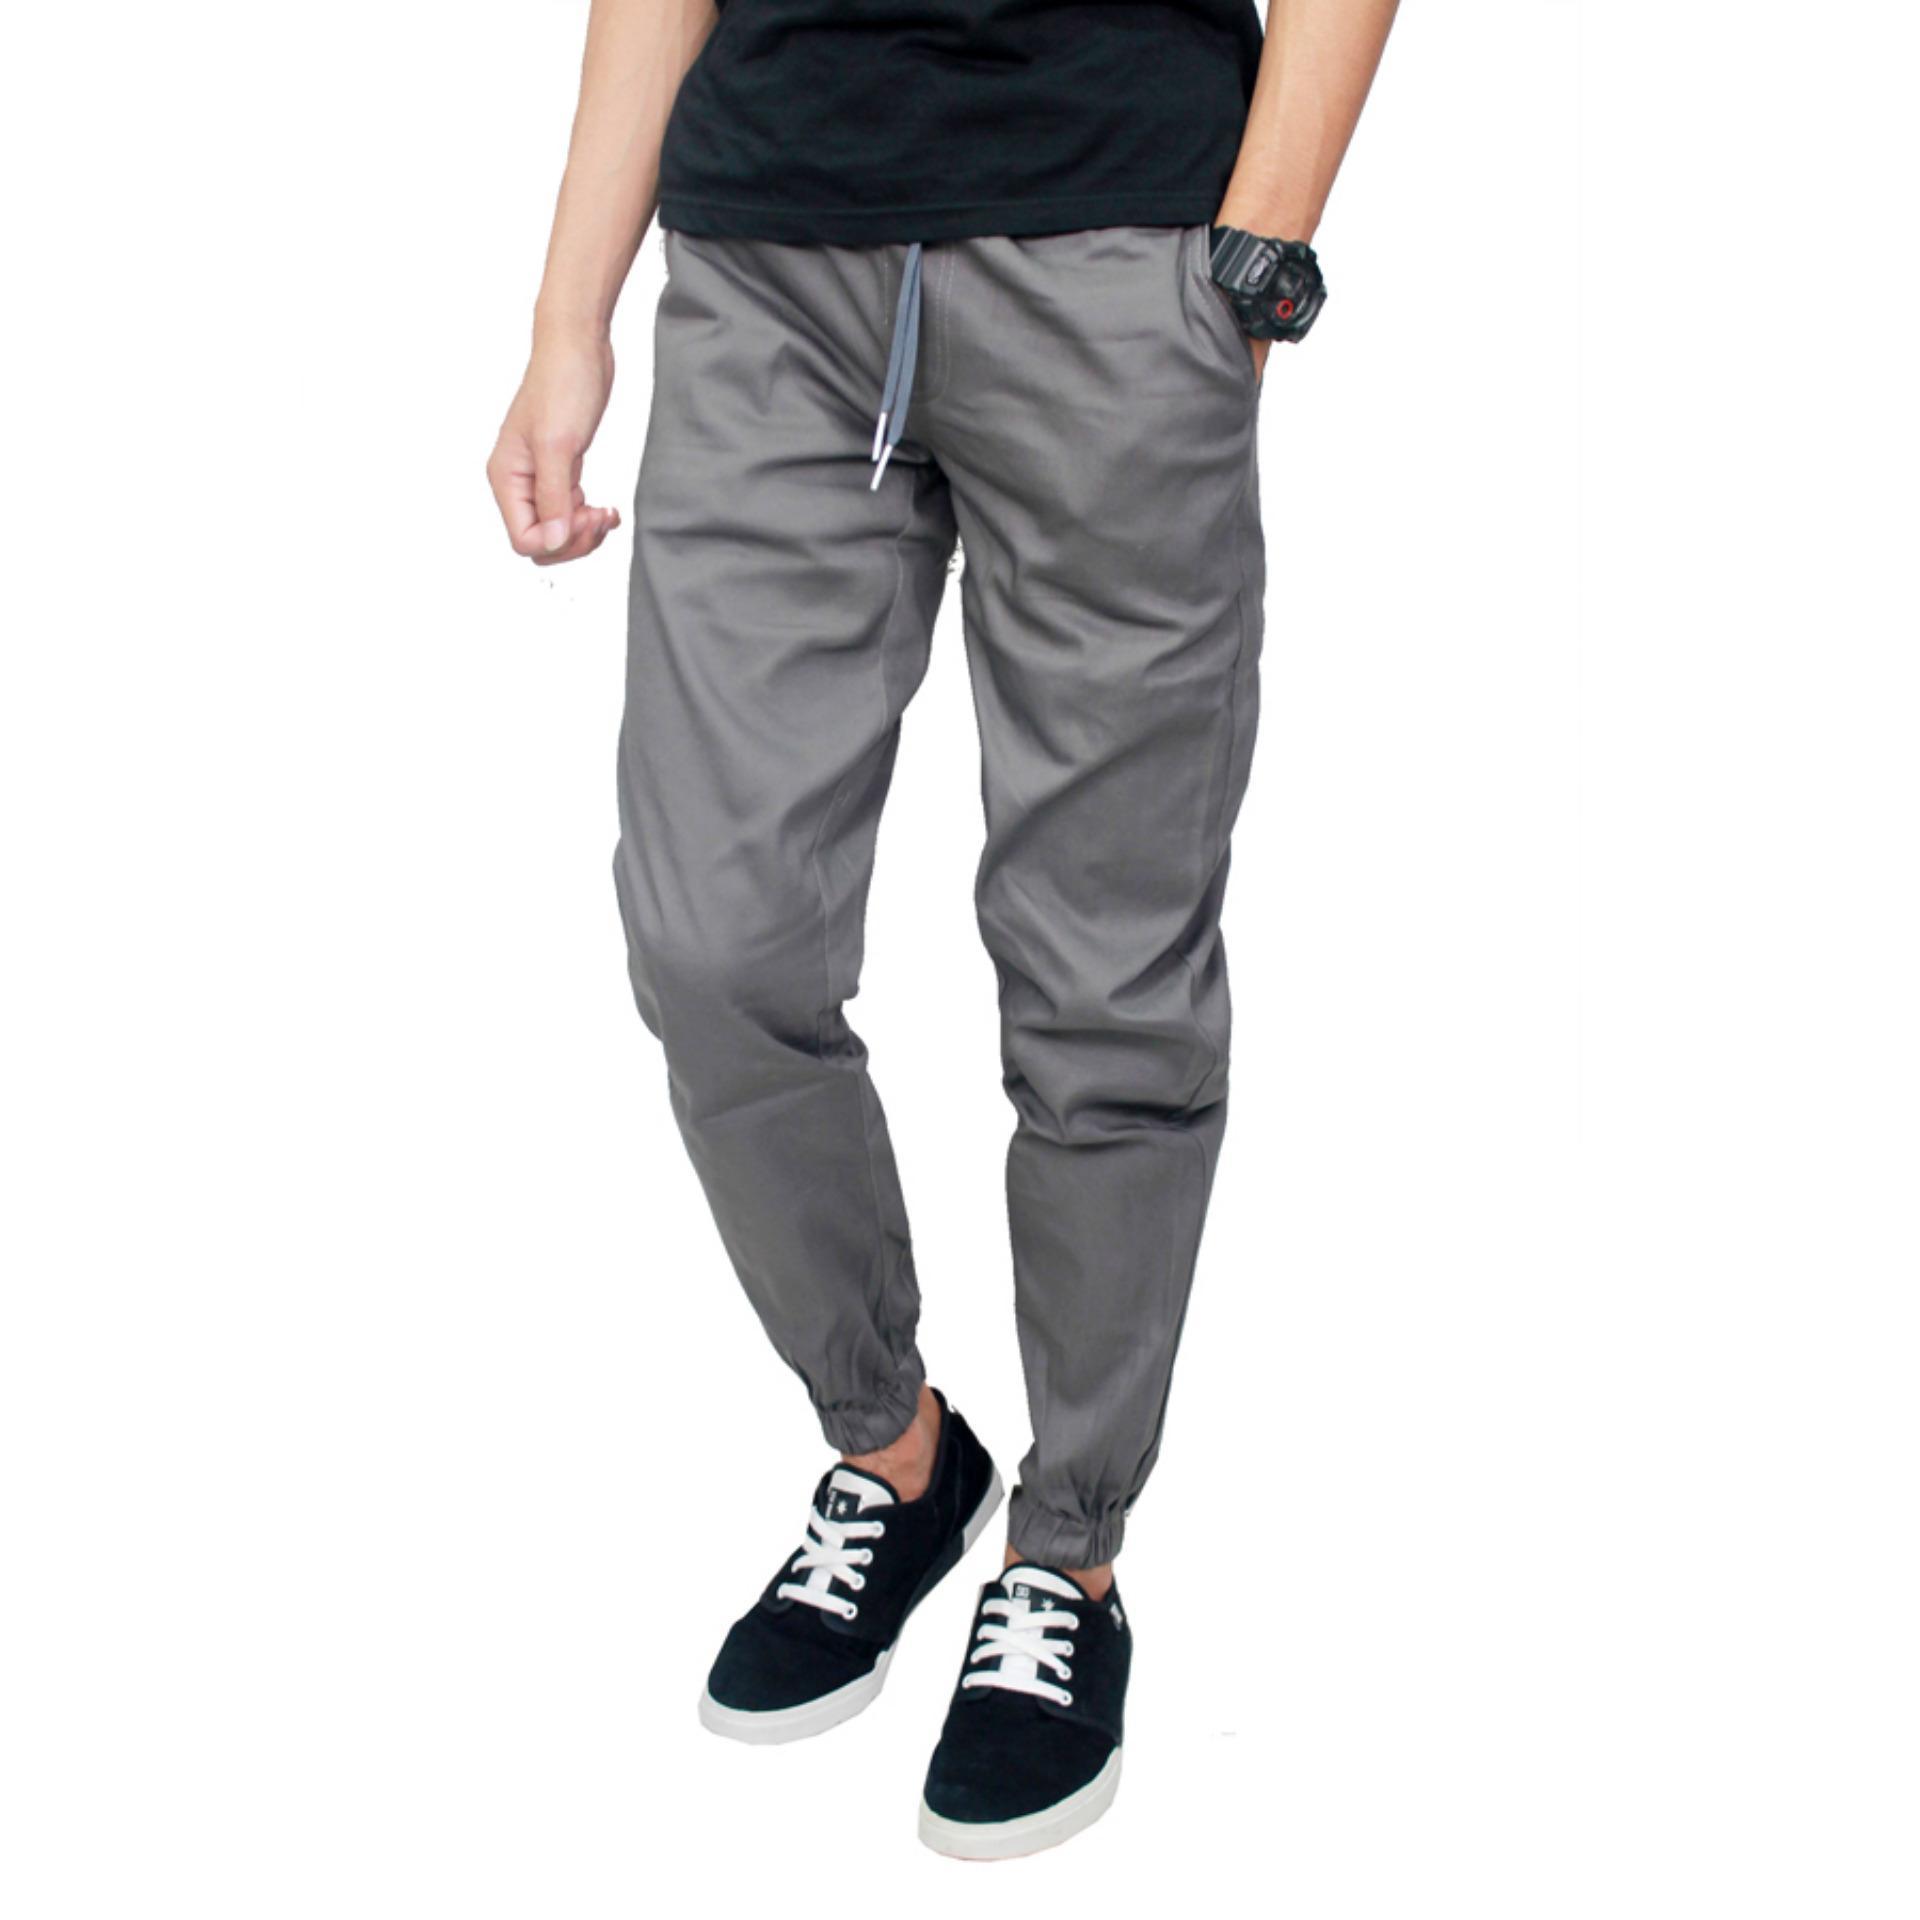 Gudang Fashion - Jogger Pants Pria Panjang - Abu